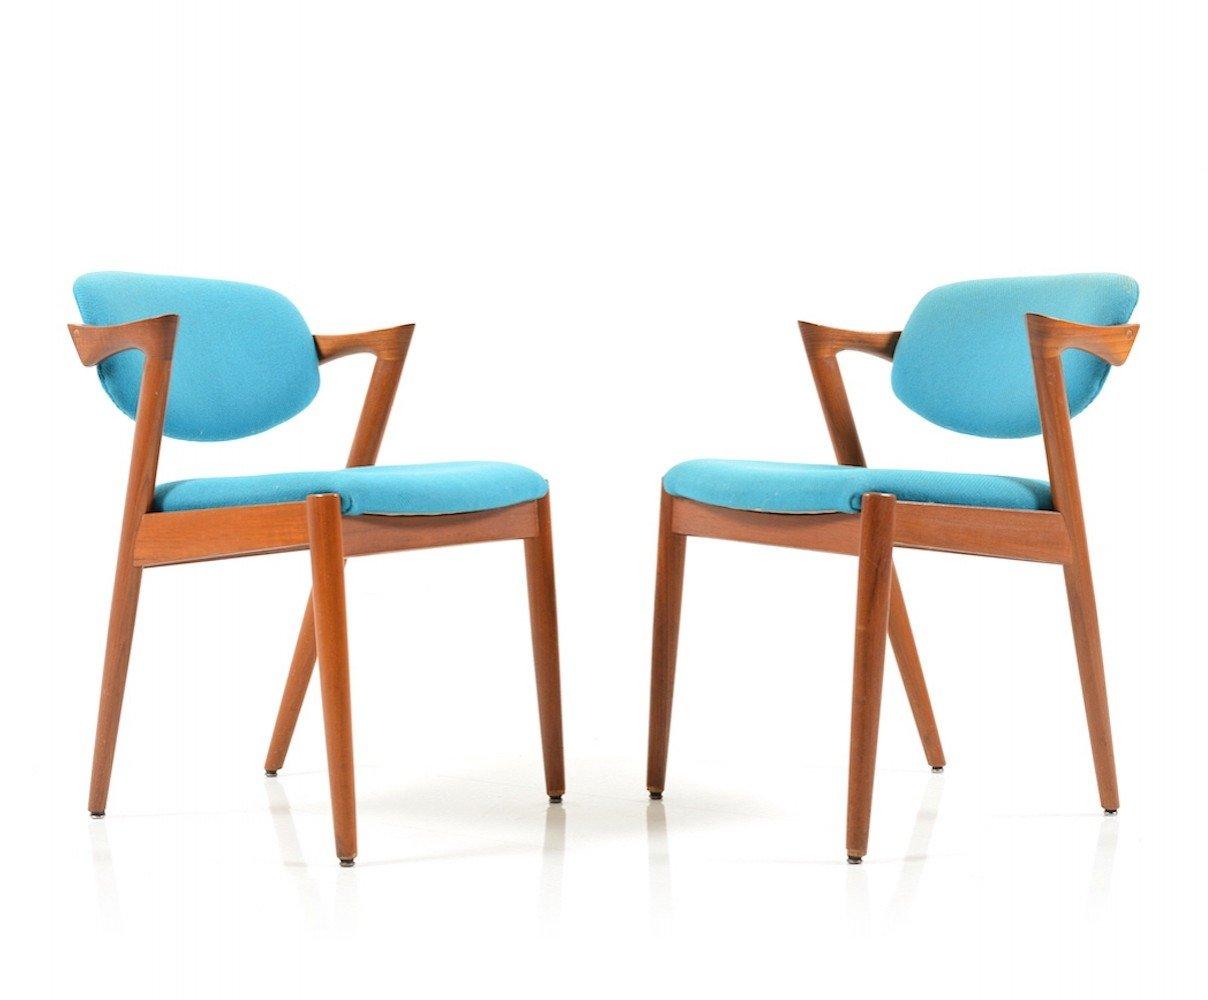 Pair of mid Century Teak Kai Kristiansen Dining Chairs